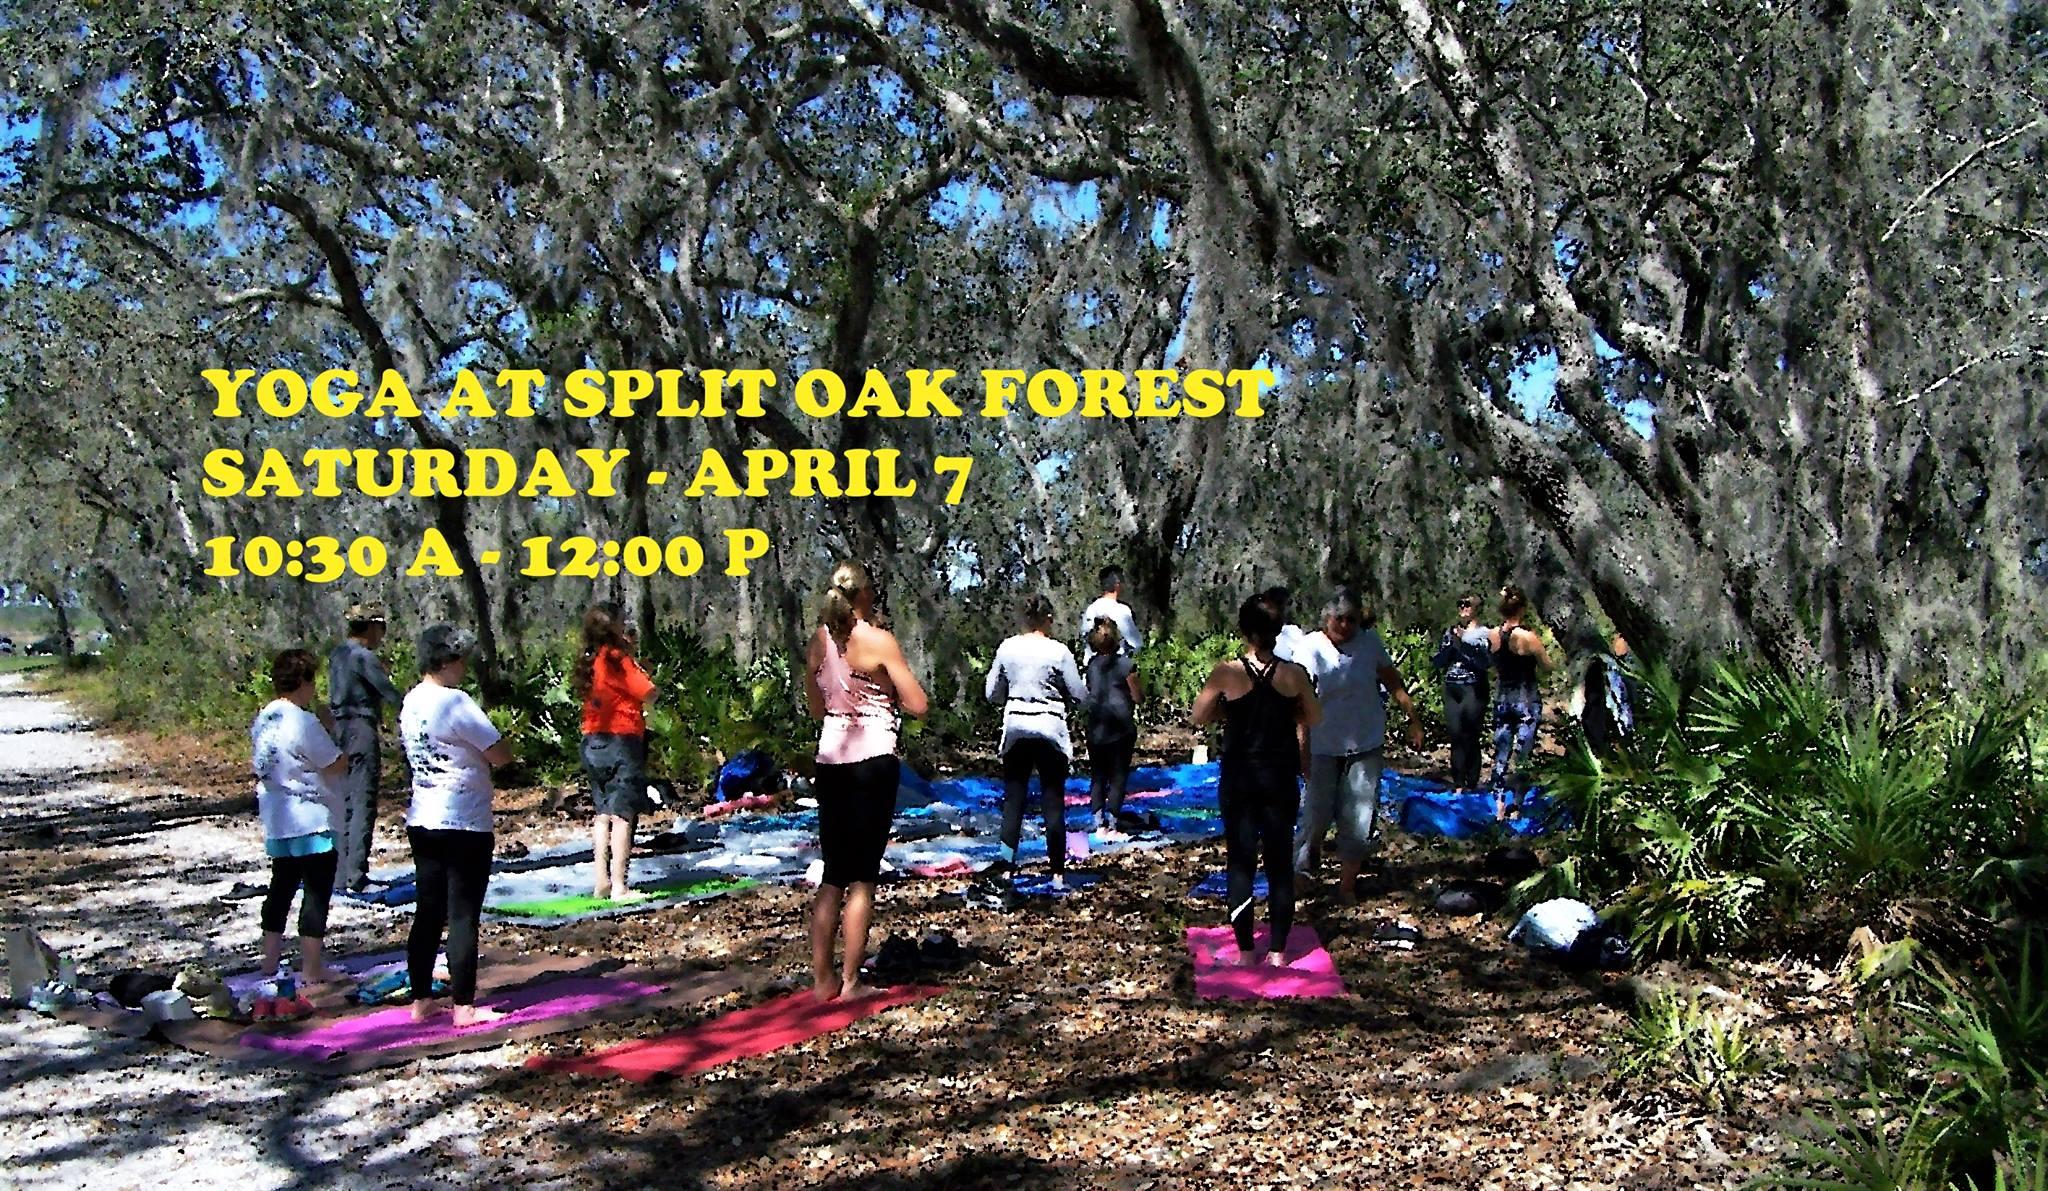 Yoga At Split Oak Forest Friends Of Split Oak Forest